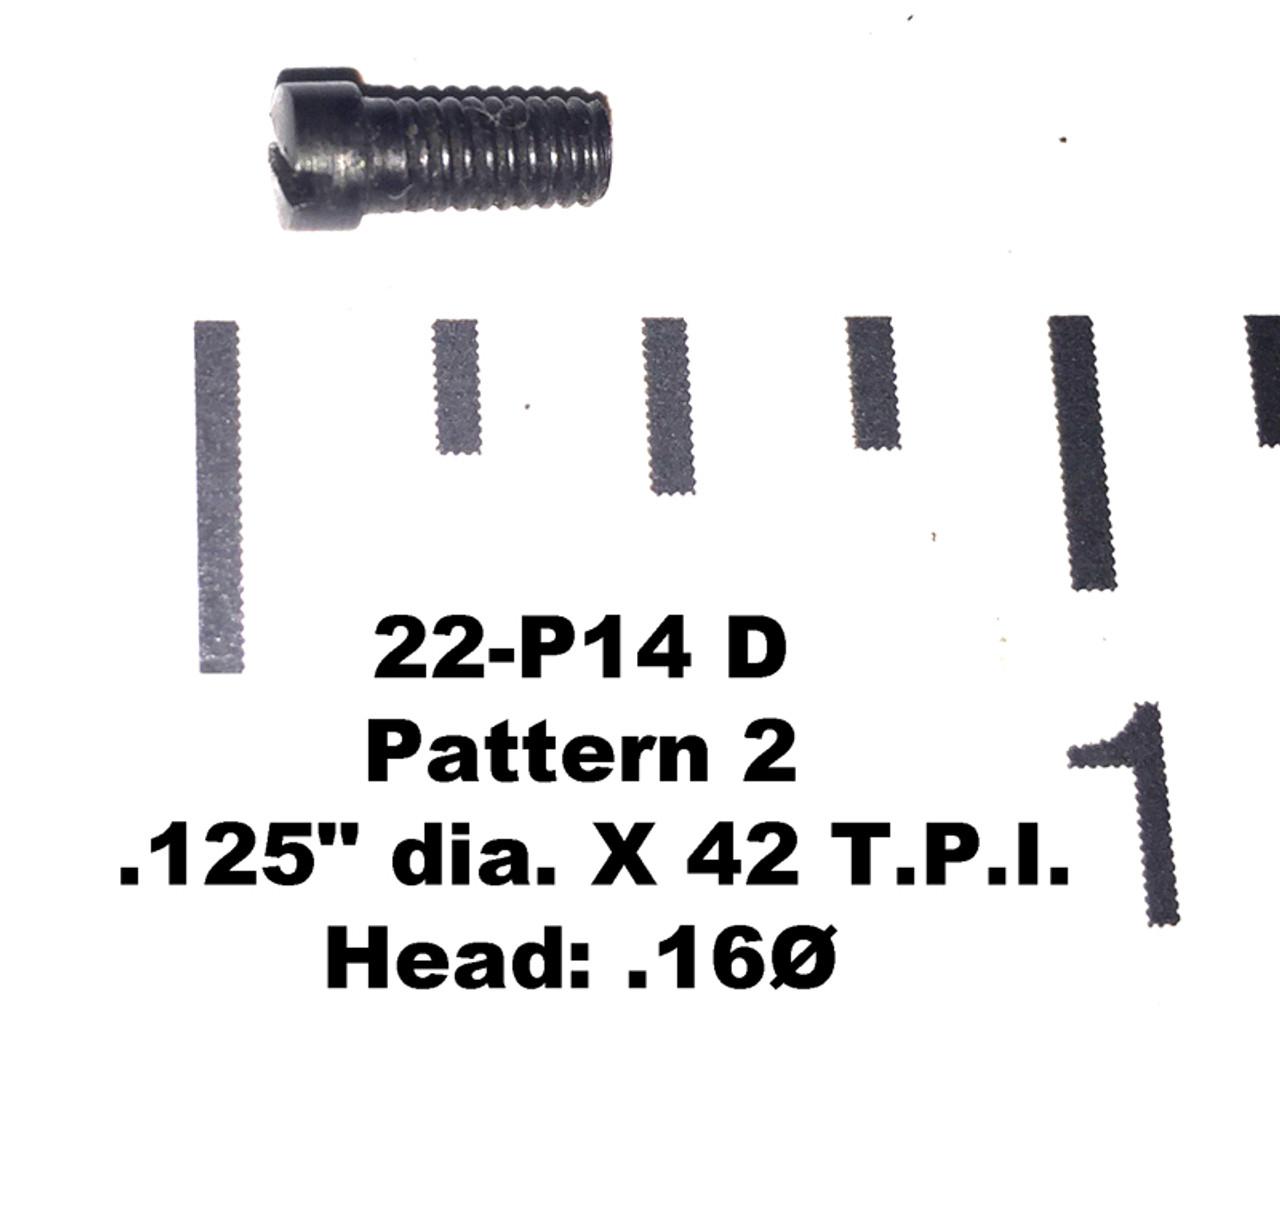 """22: SCREW, .125"""" dia. X 42 T.P.I. - Pattern 2"""